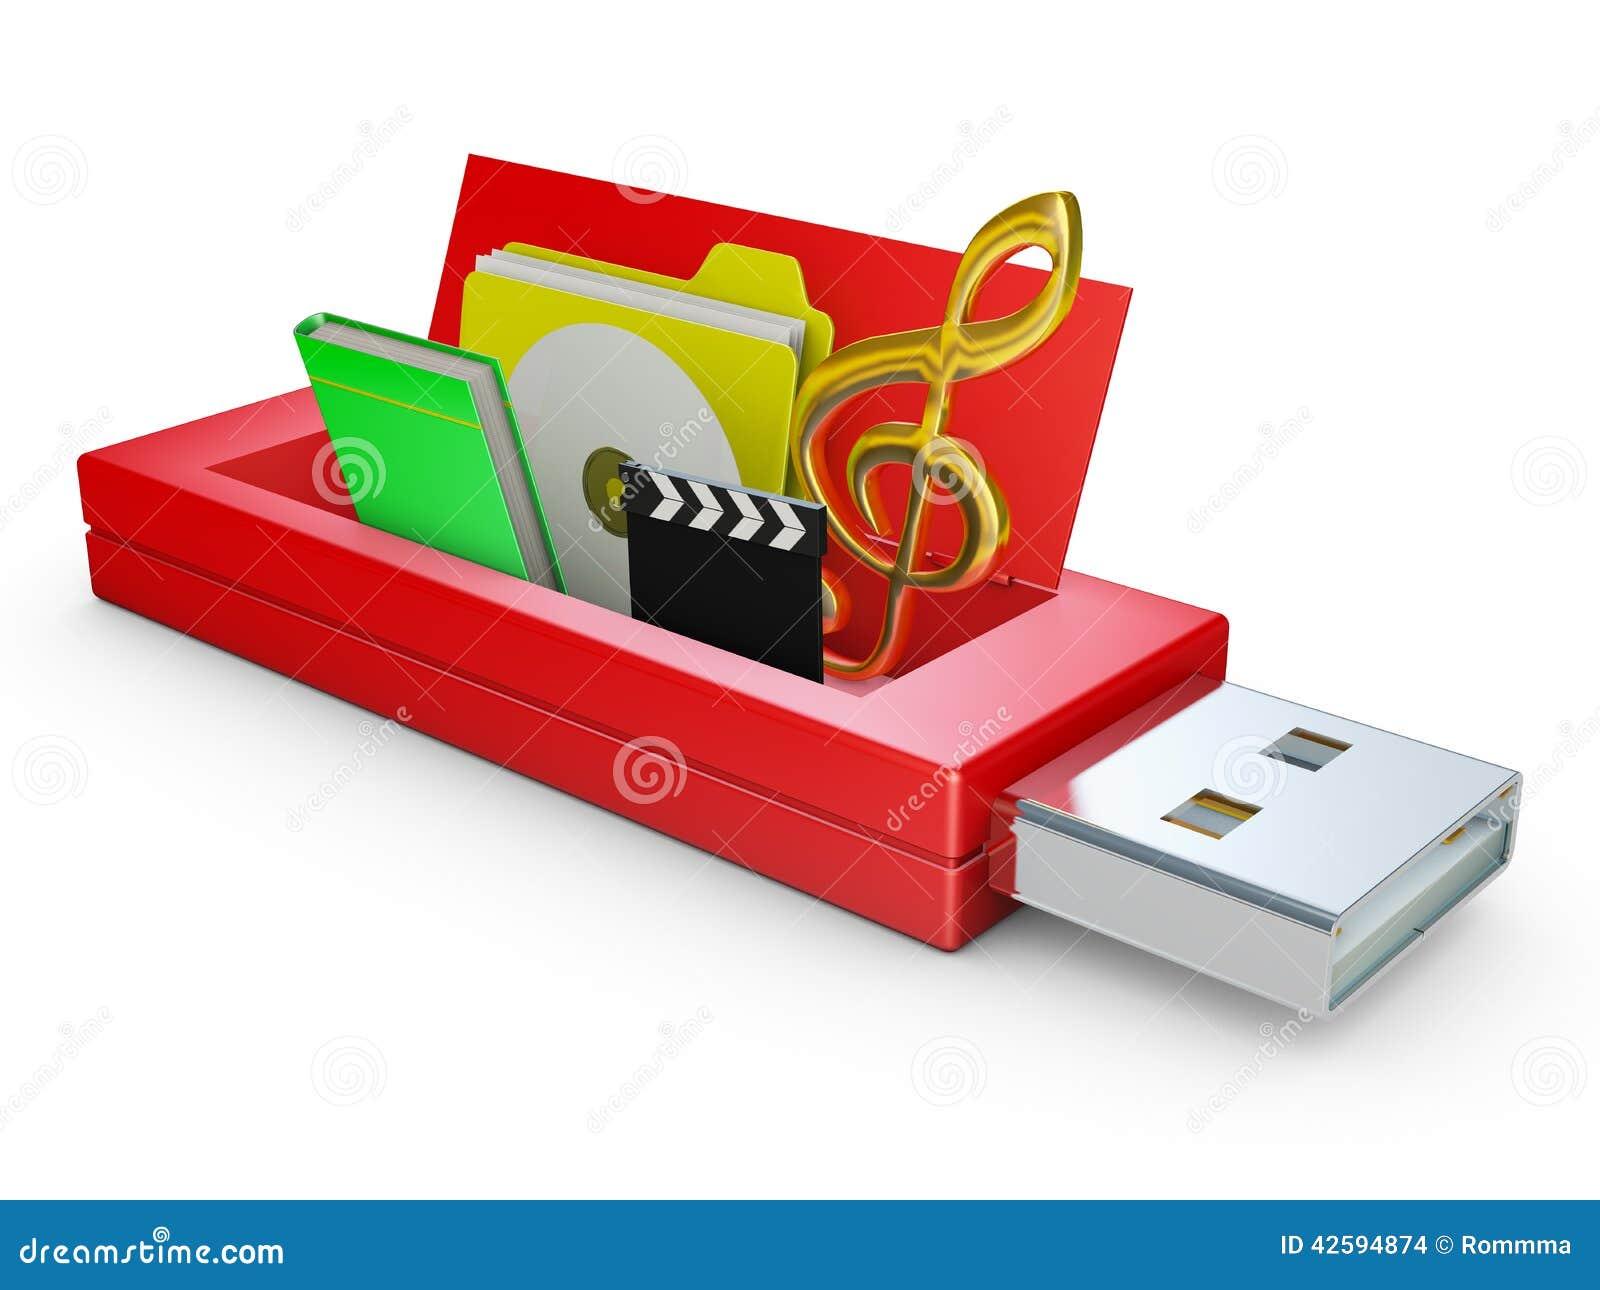 usb drive stock illustration image 42594874. Black Bedroom Furniture Sets. Home Design Ideas